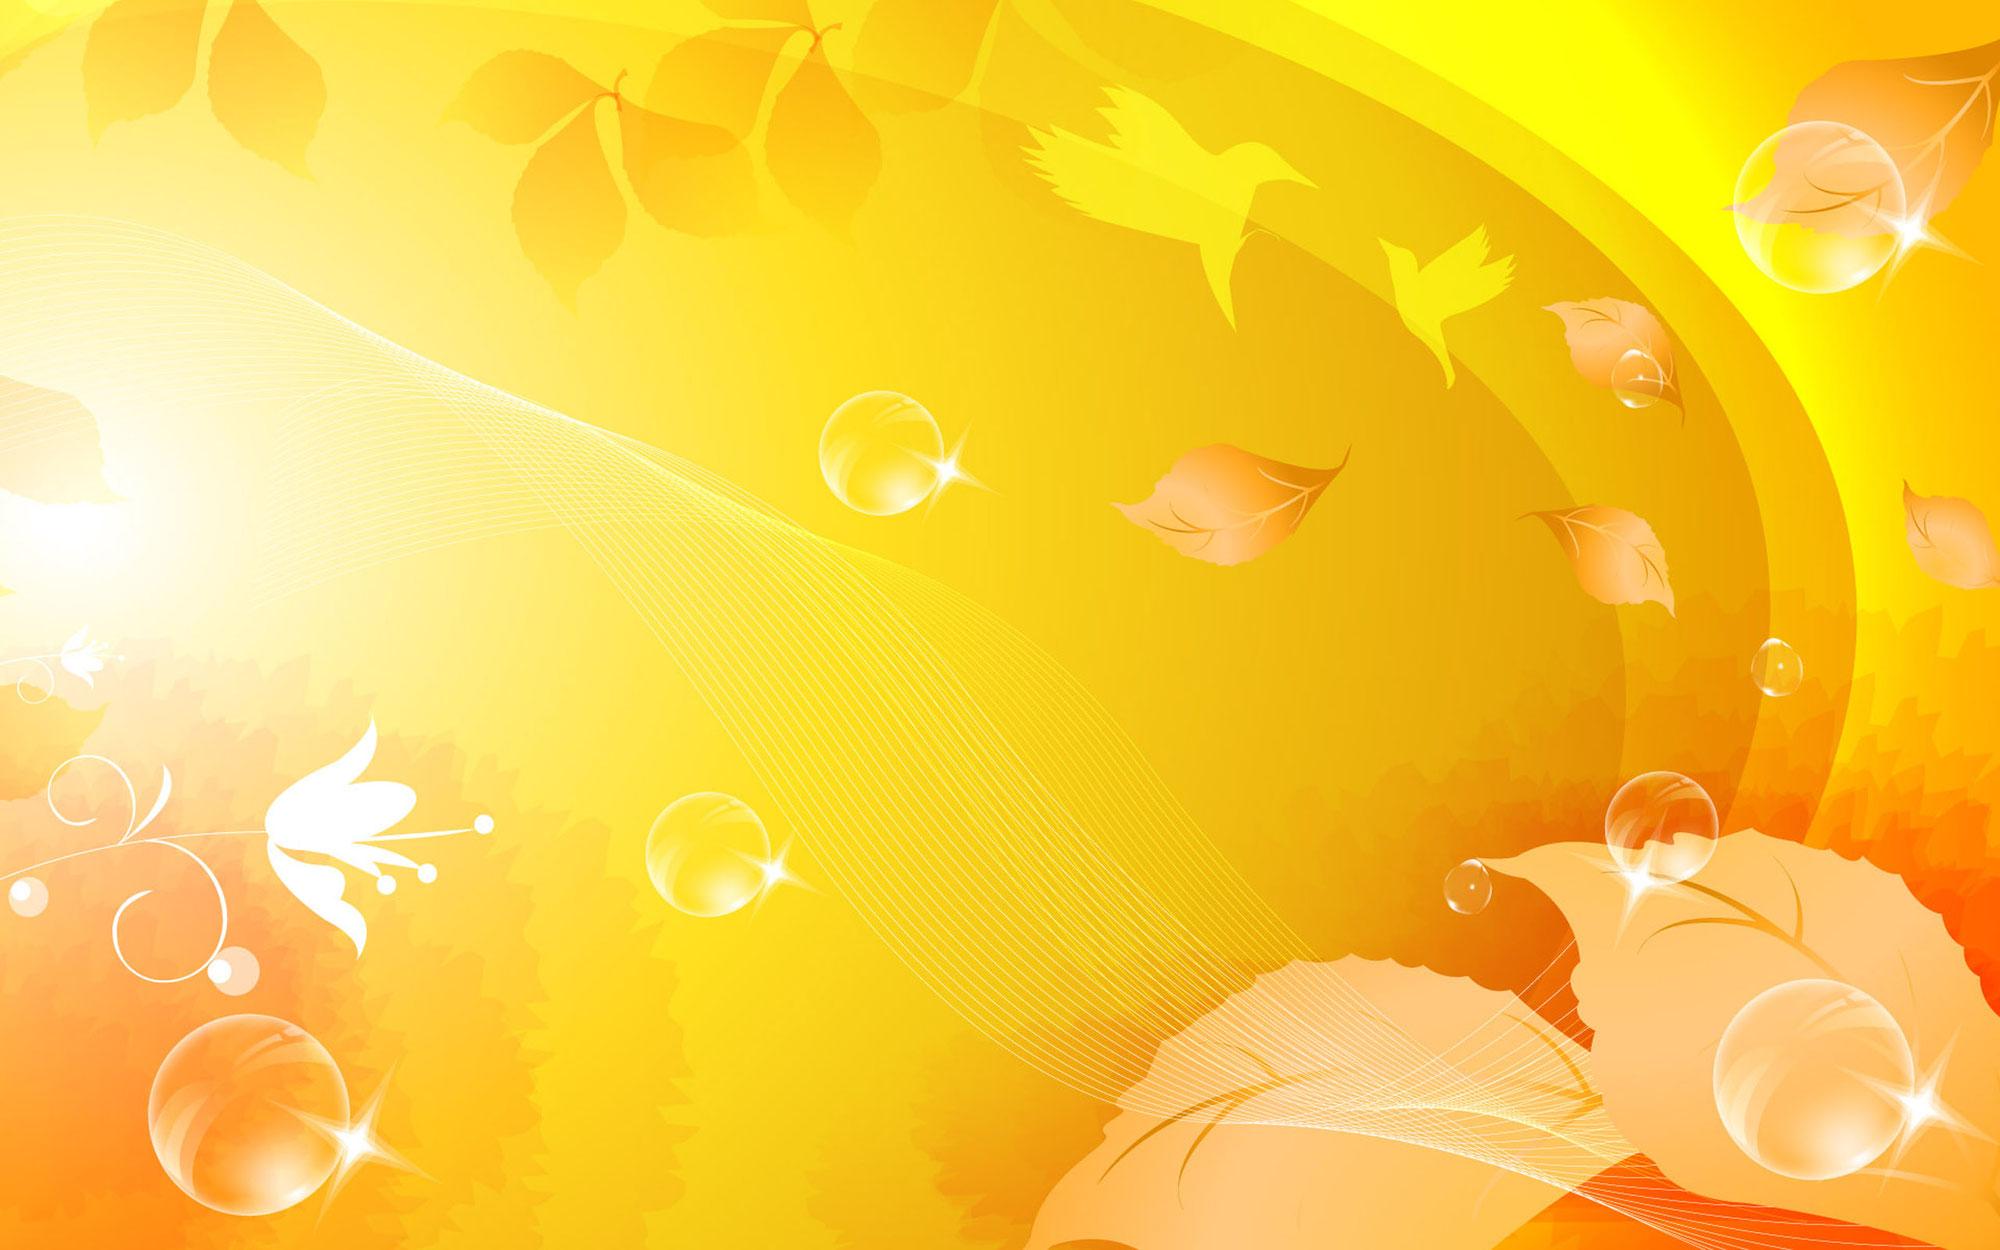 Клиентов, солнечный фон для открытки